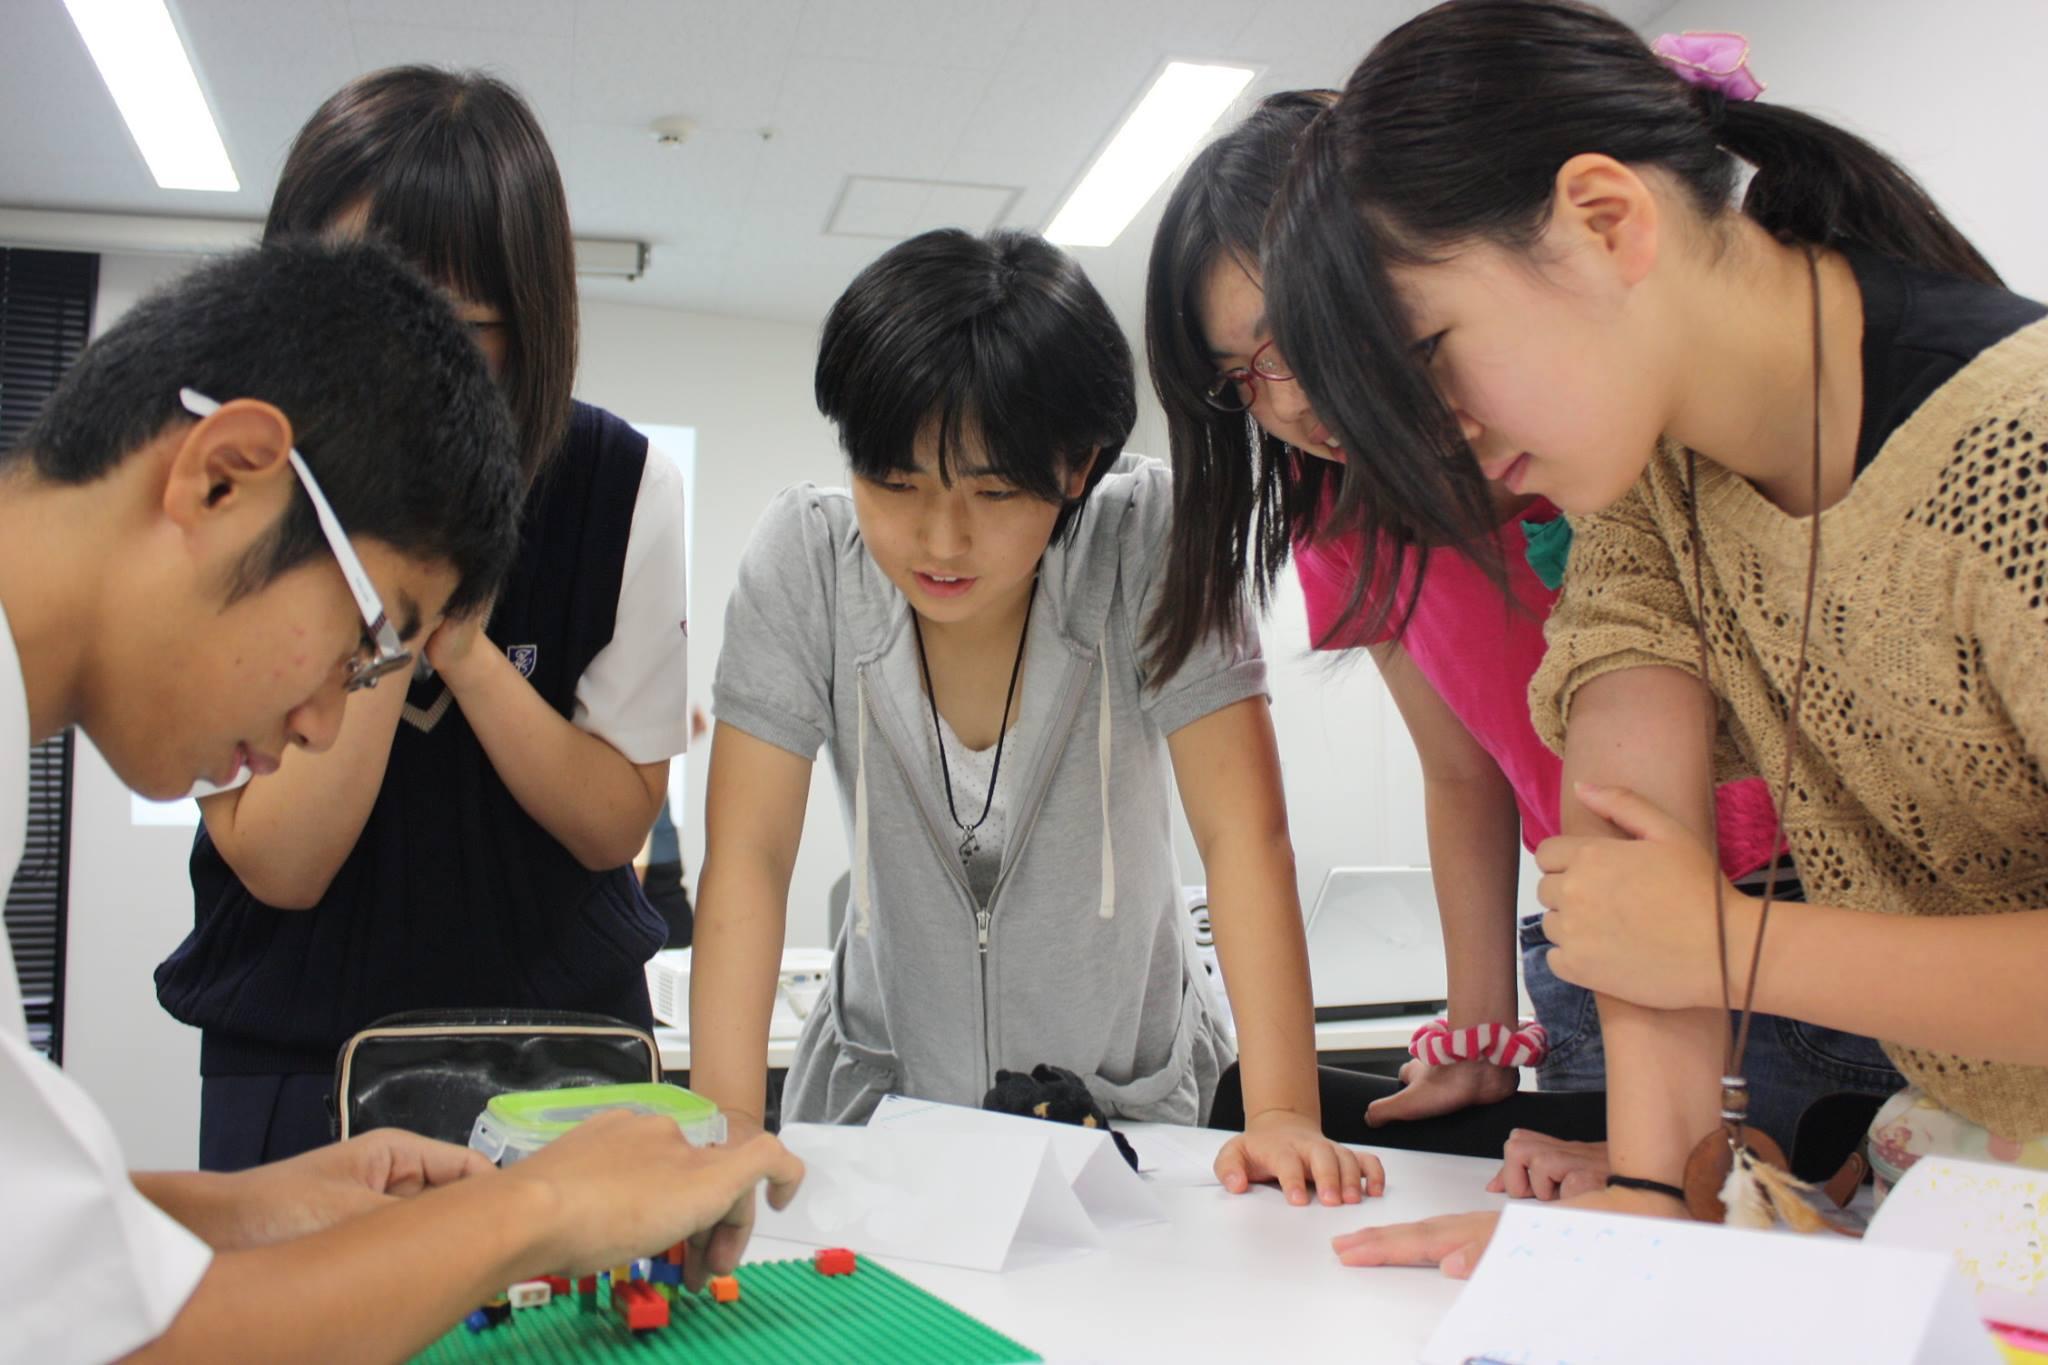 キャリア教育のグループワーク